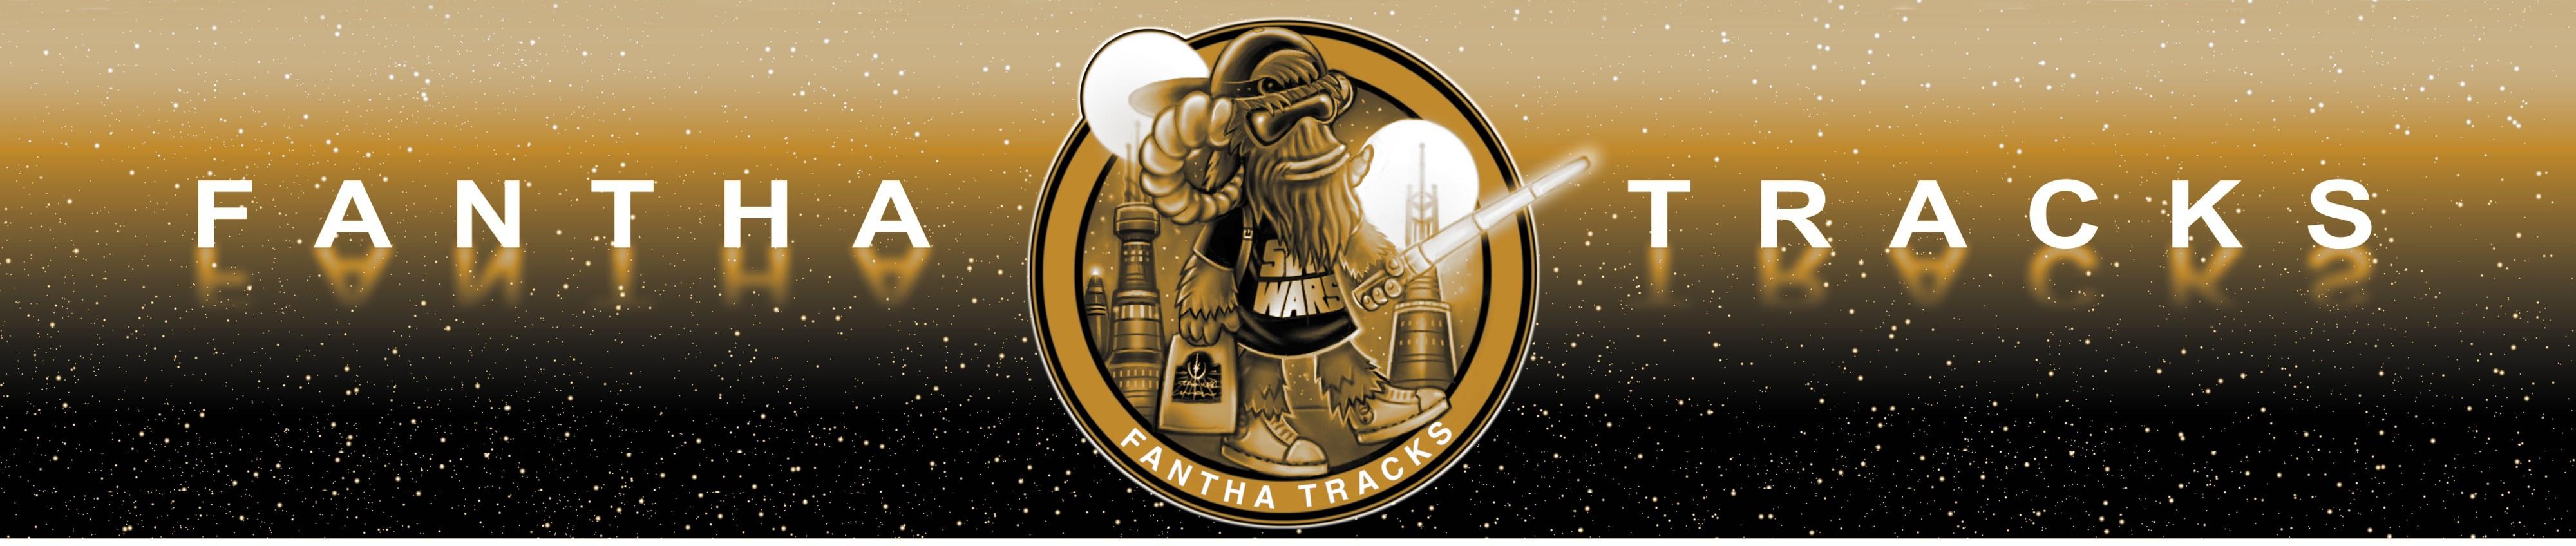 FANTHA TRACKS .com